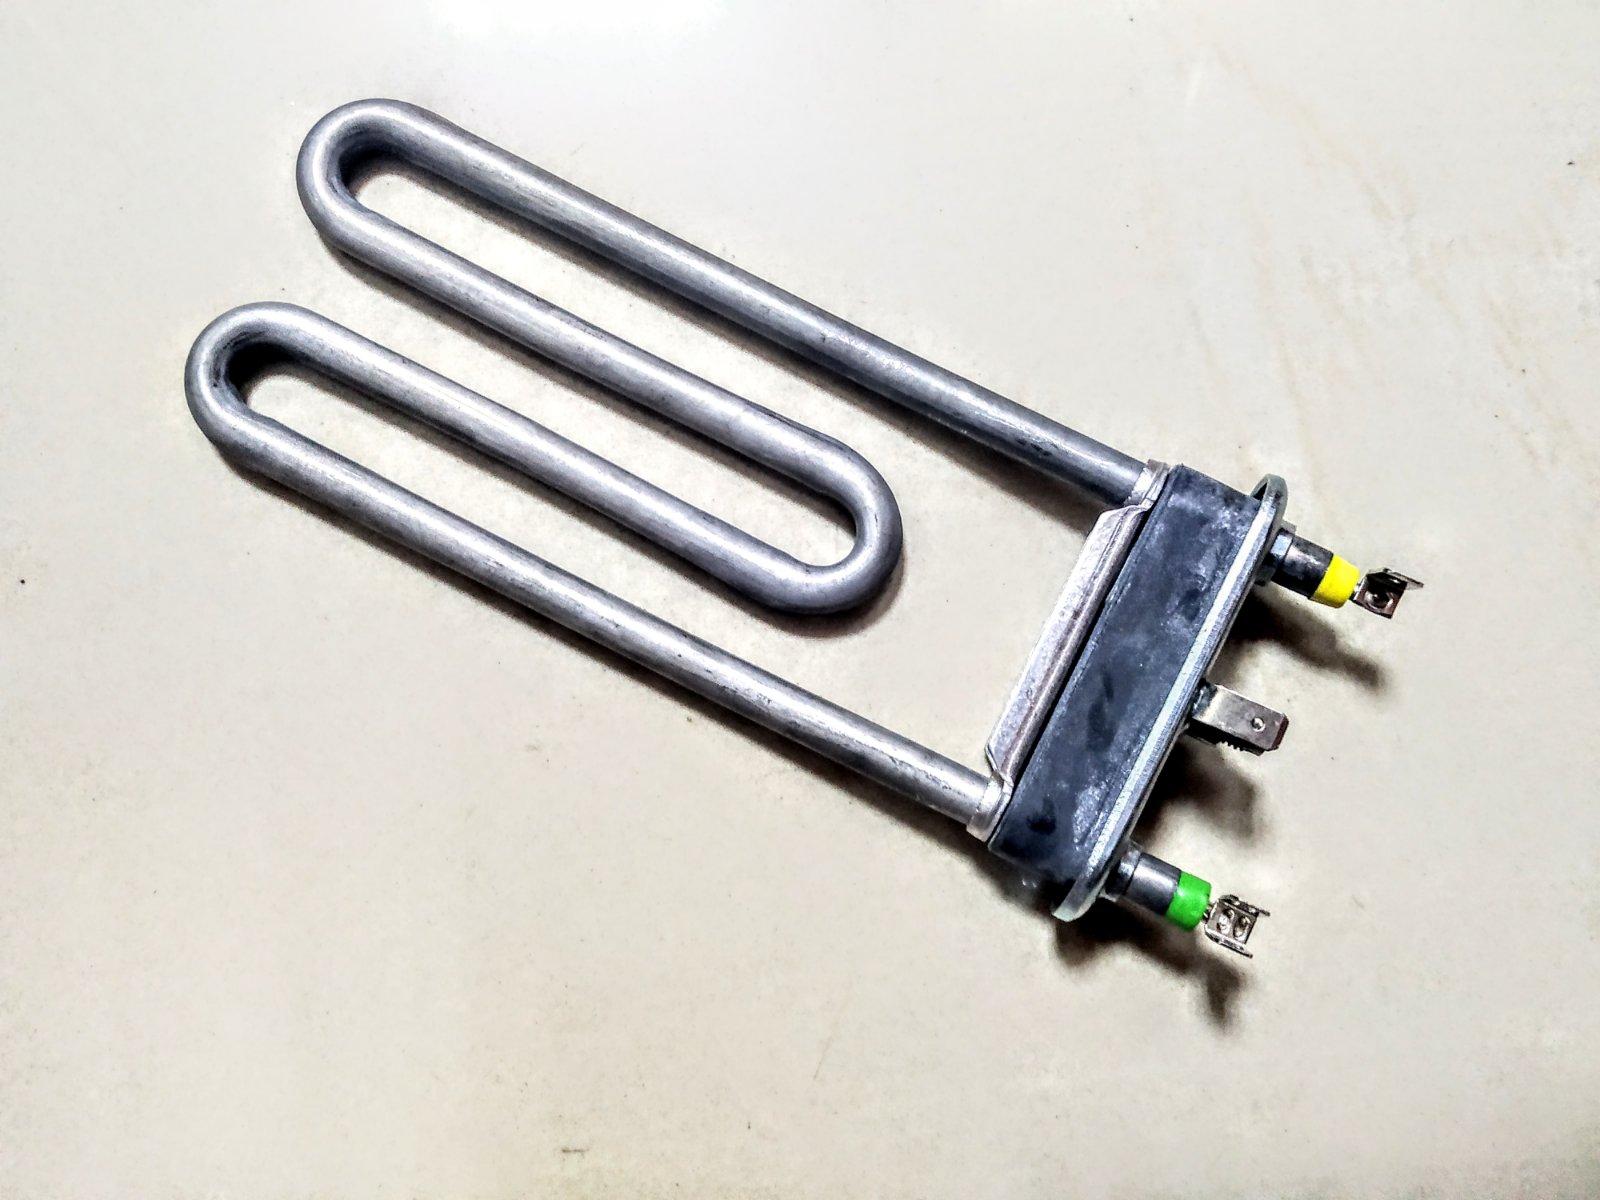 ТЭН для стиральной машины Indesit C00087188 с отверстием